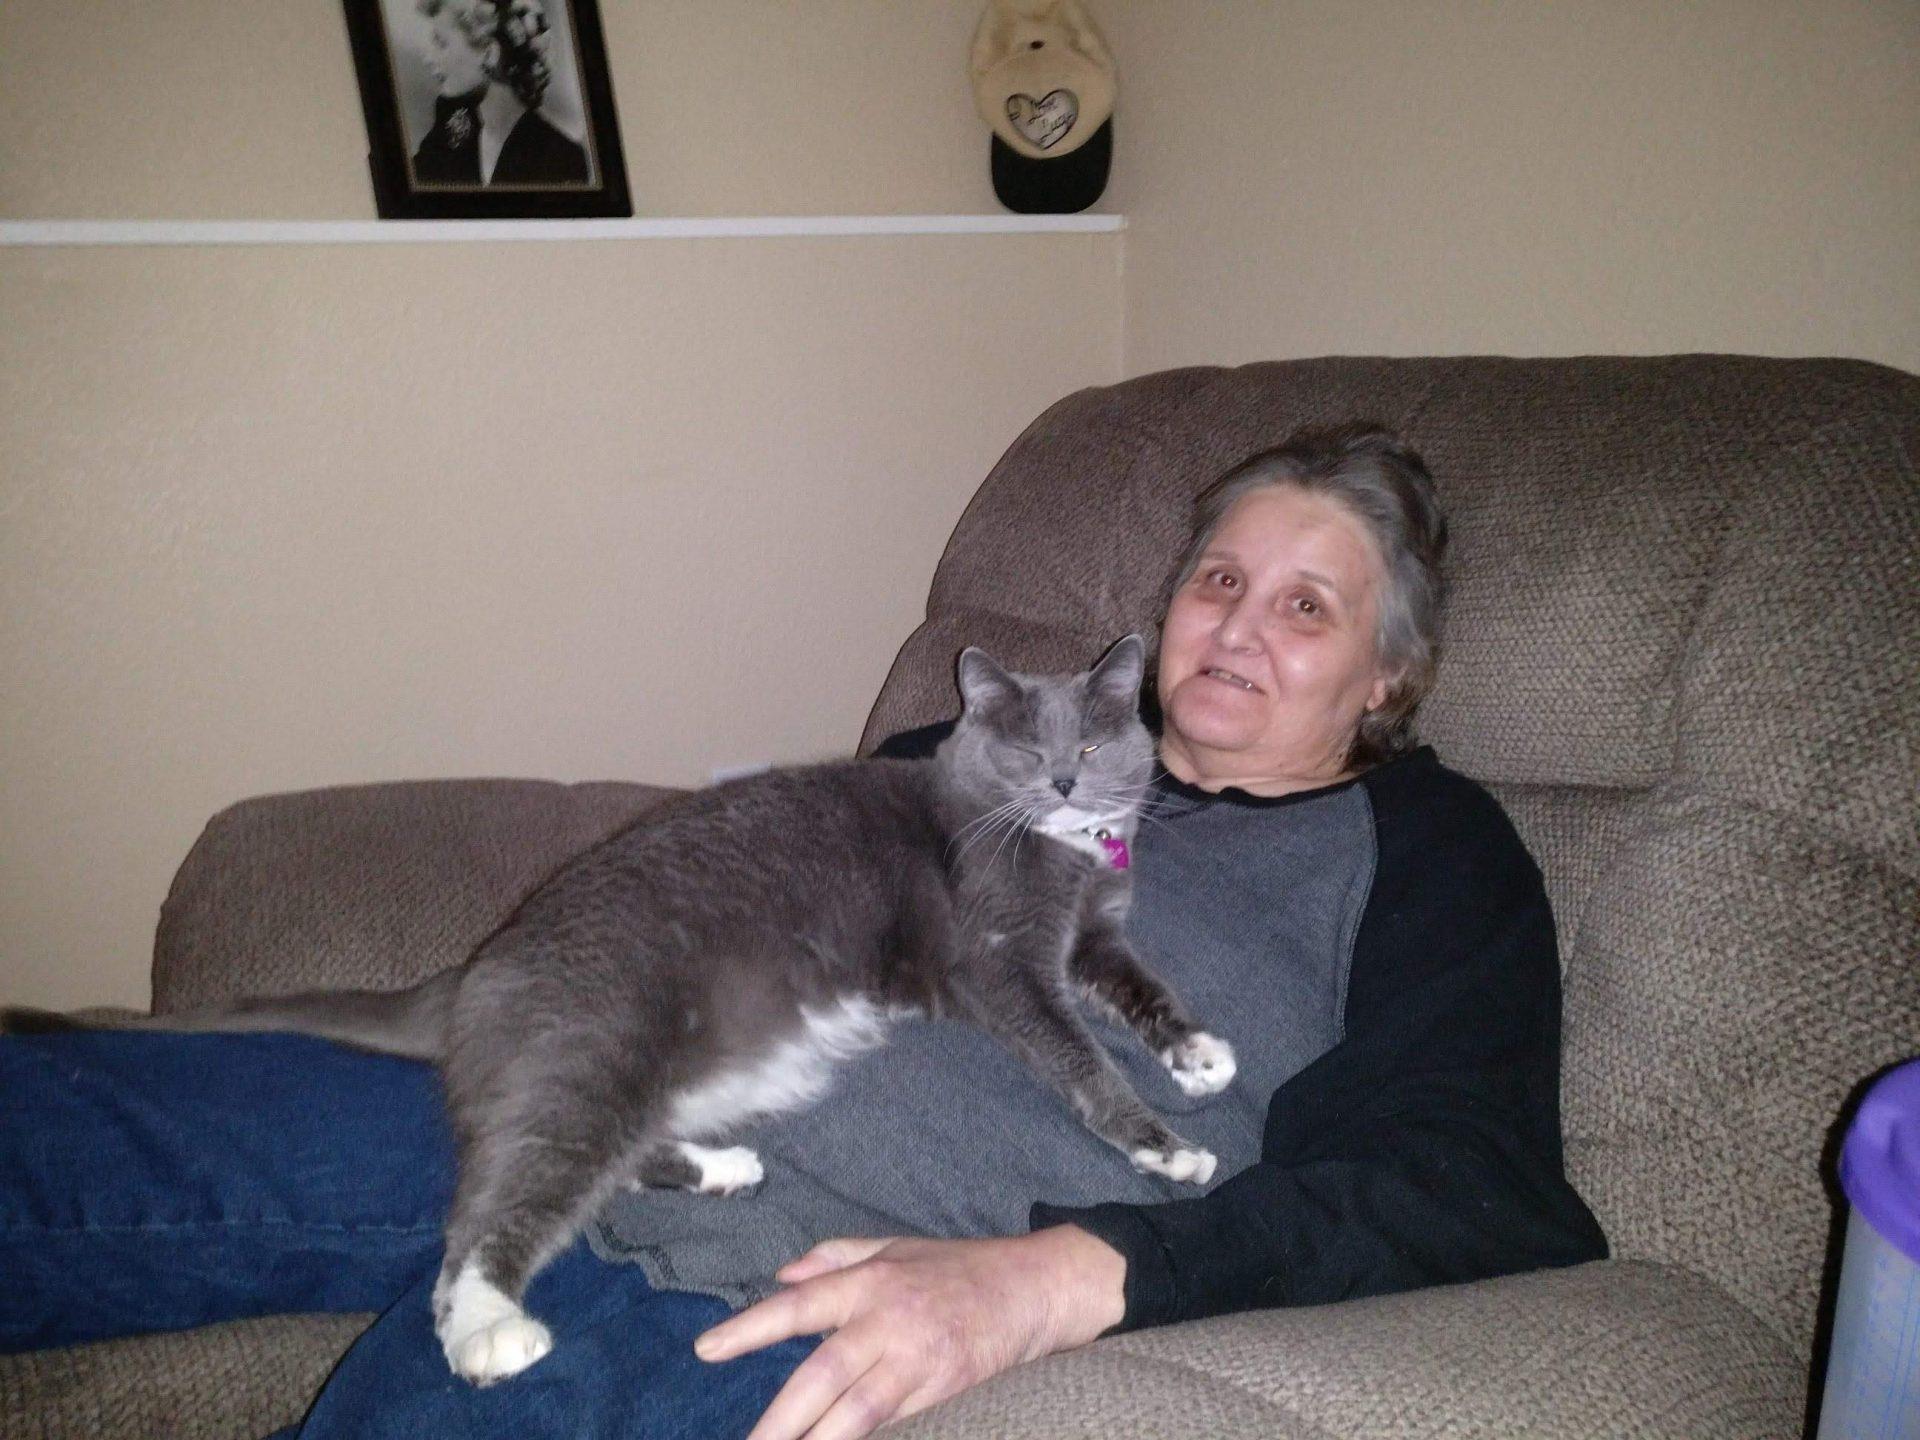 Rosie with her new cat Josie